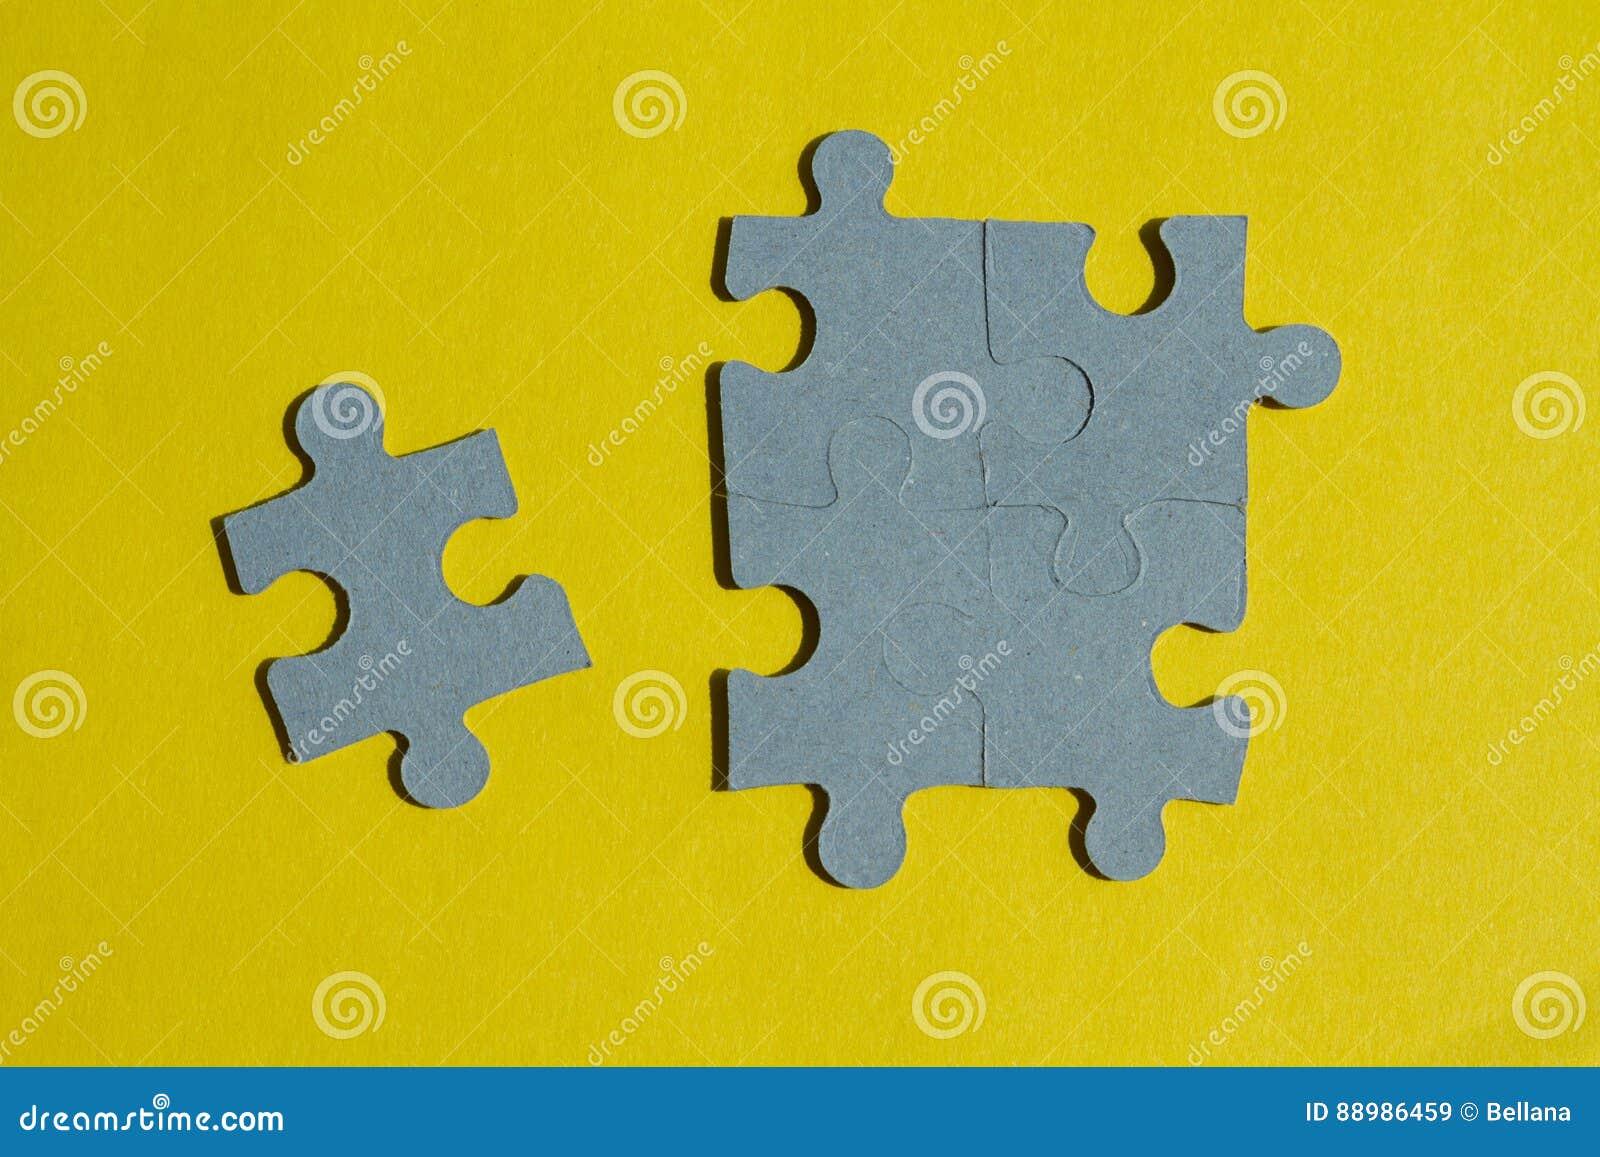 Pezzi del puzzle su fondo giallo